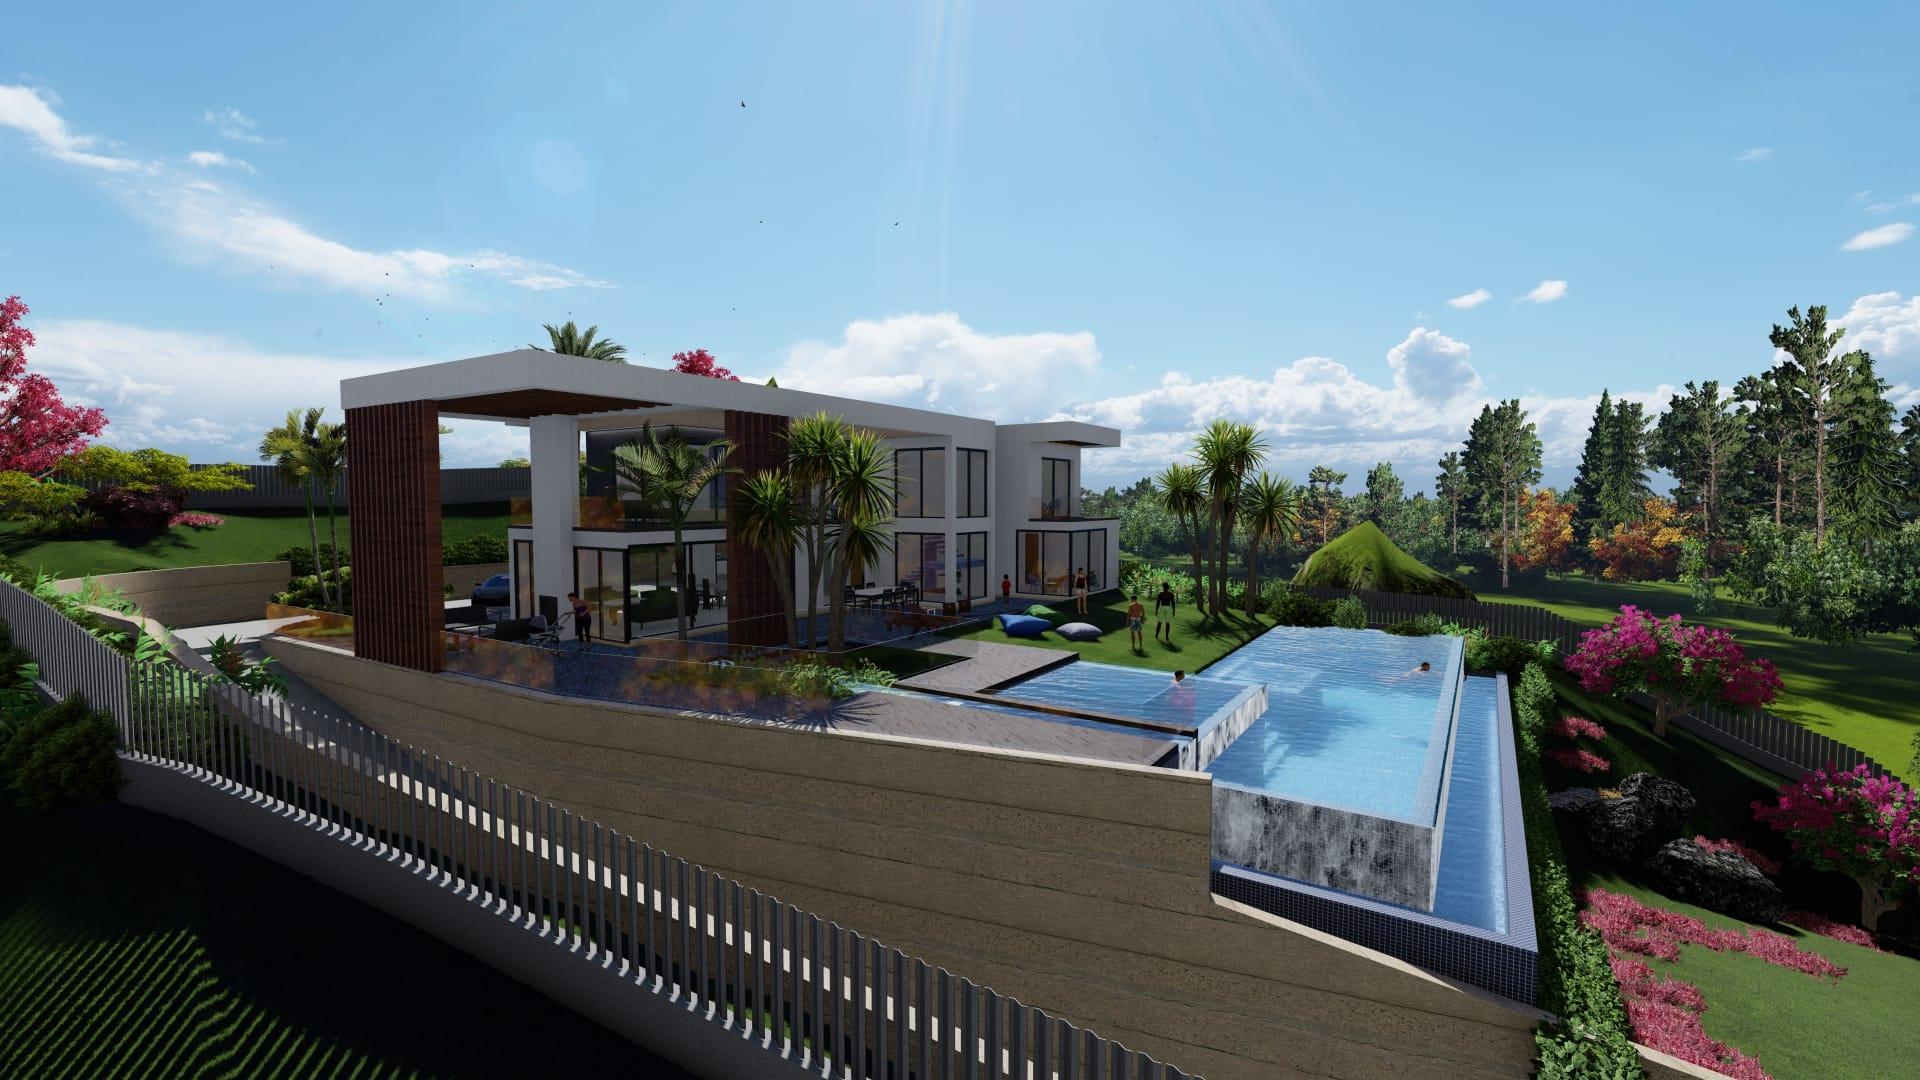 Villa neuve contemporaine surface 271,16m² sur un terrain de 2000m²